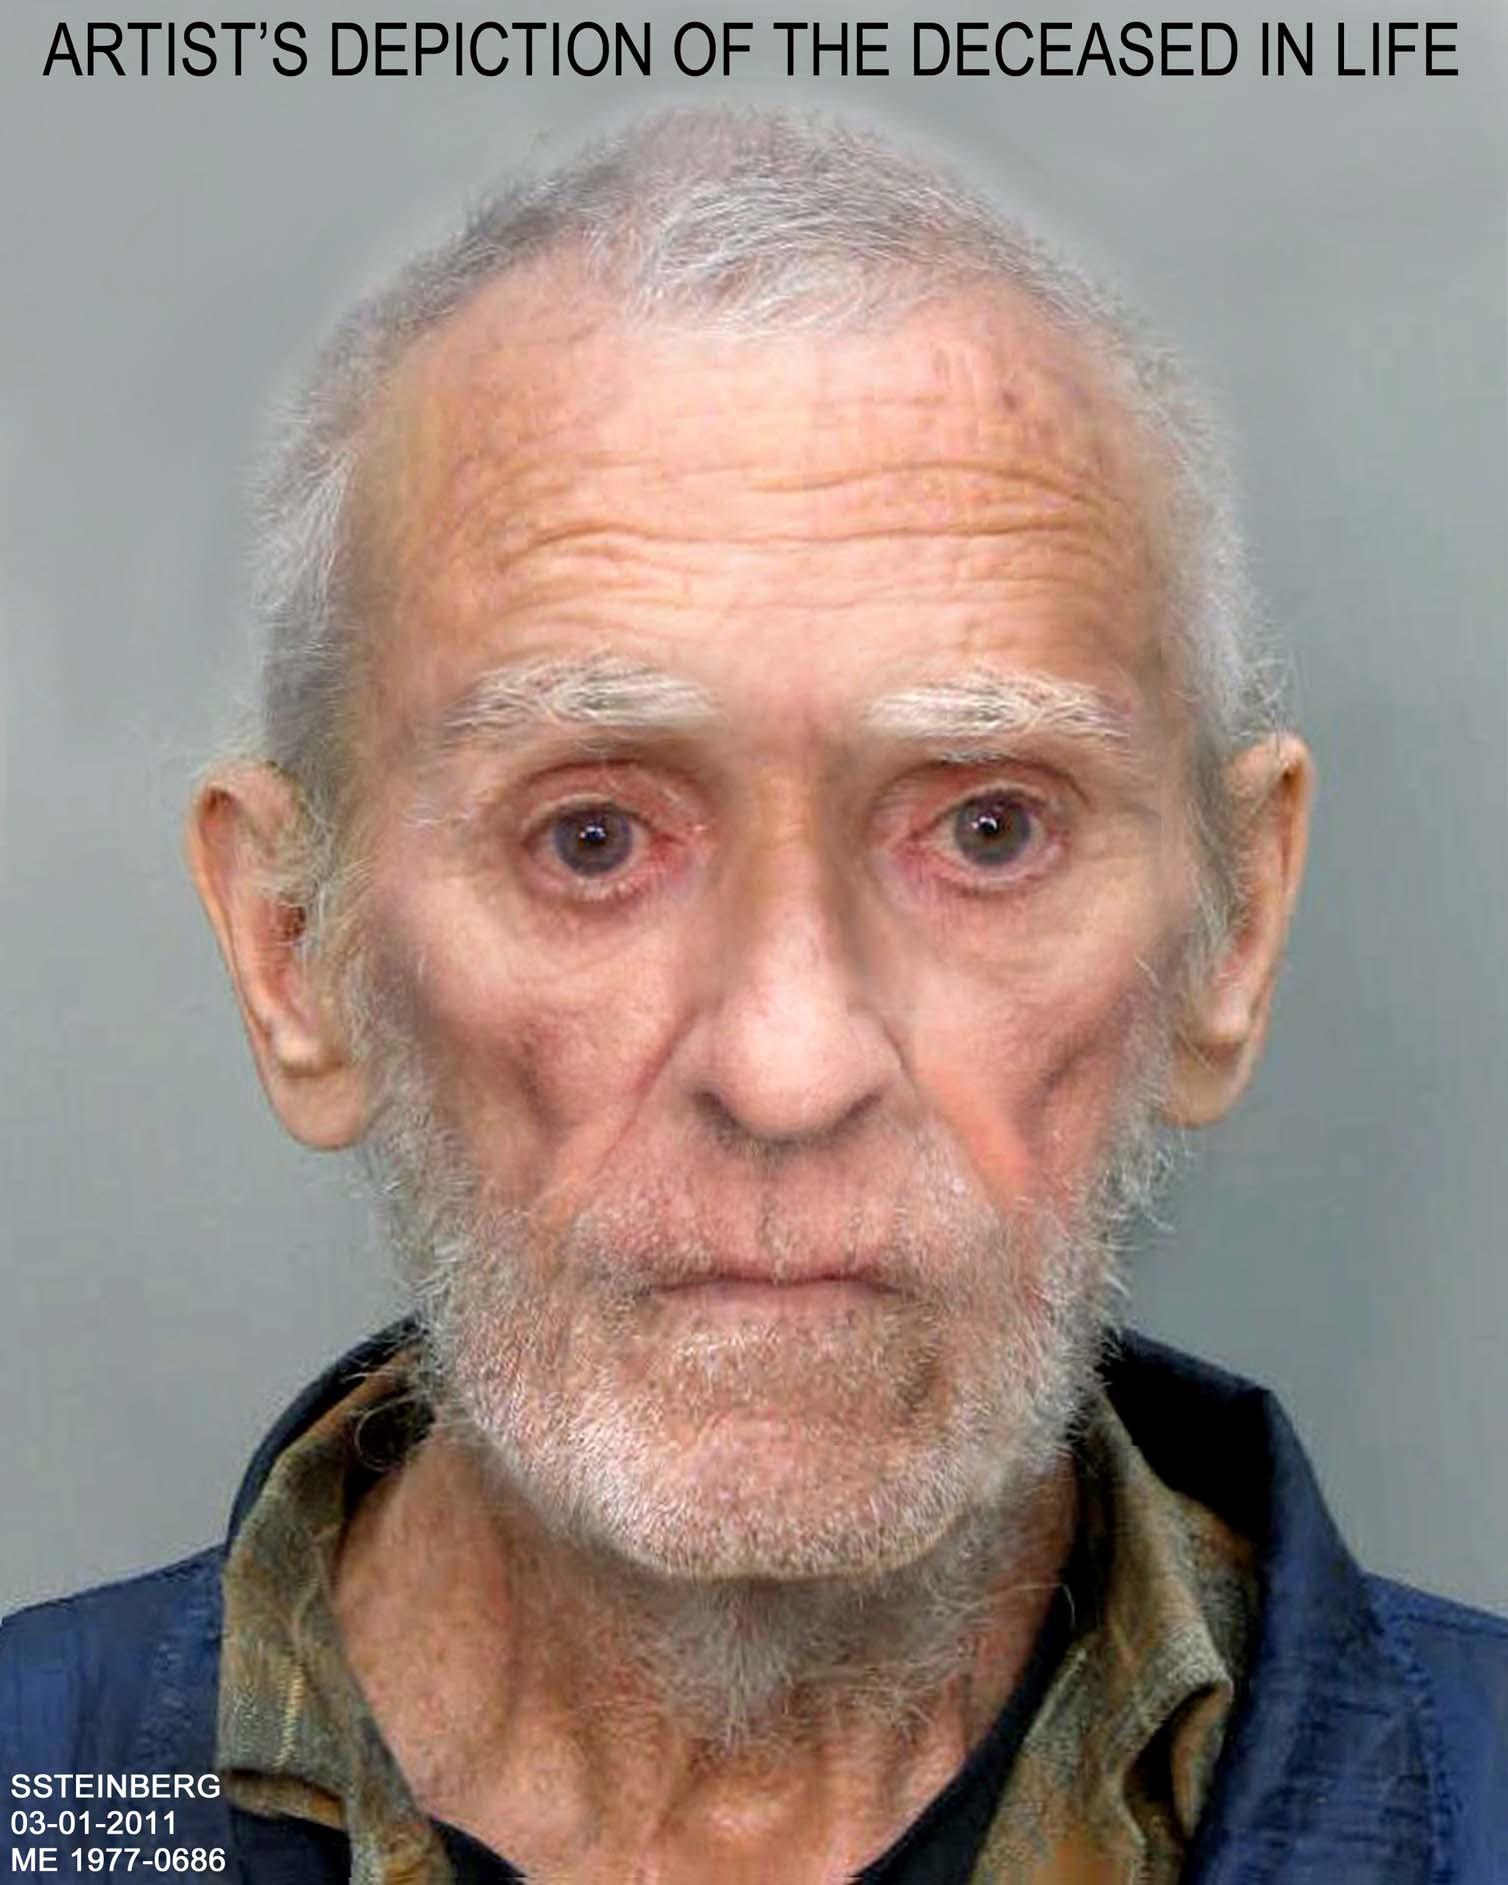 Miami-Dade County John Doe (March 1977)